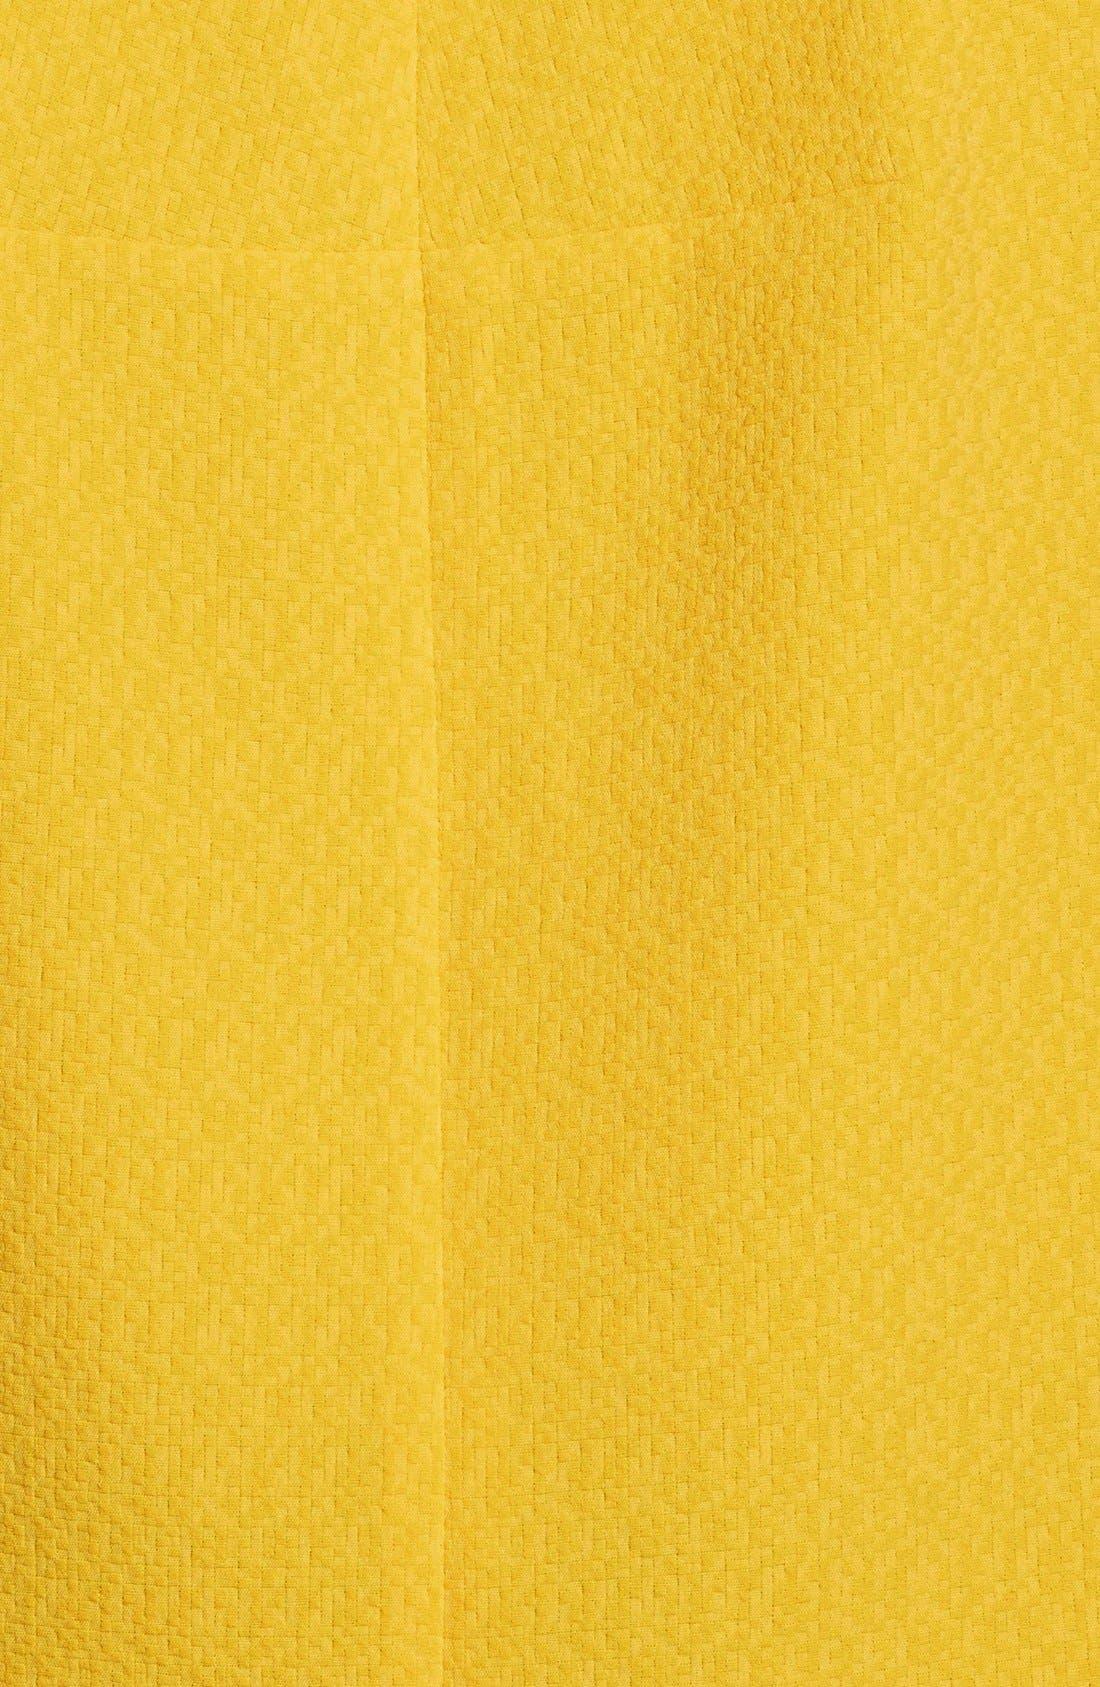 Alternate Image 3  - kensie Texture Crop Top